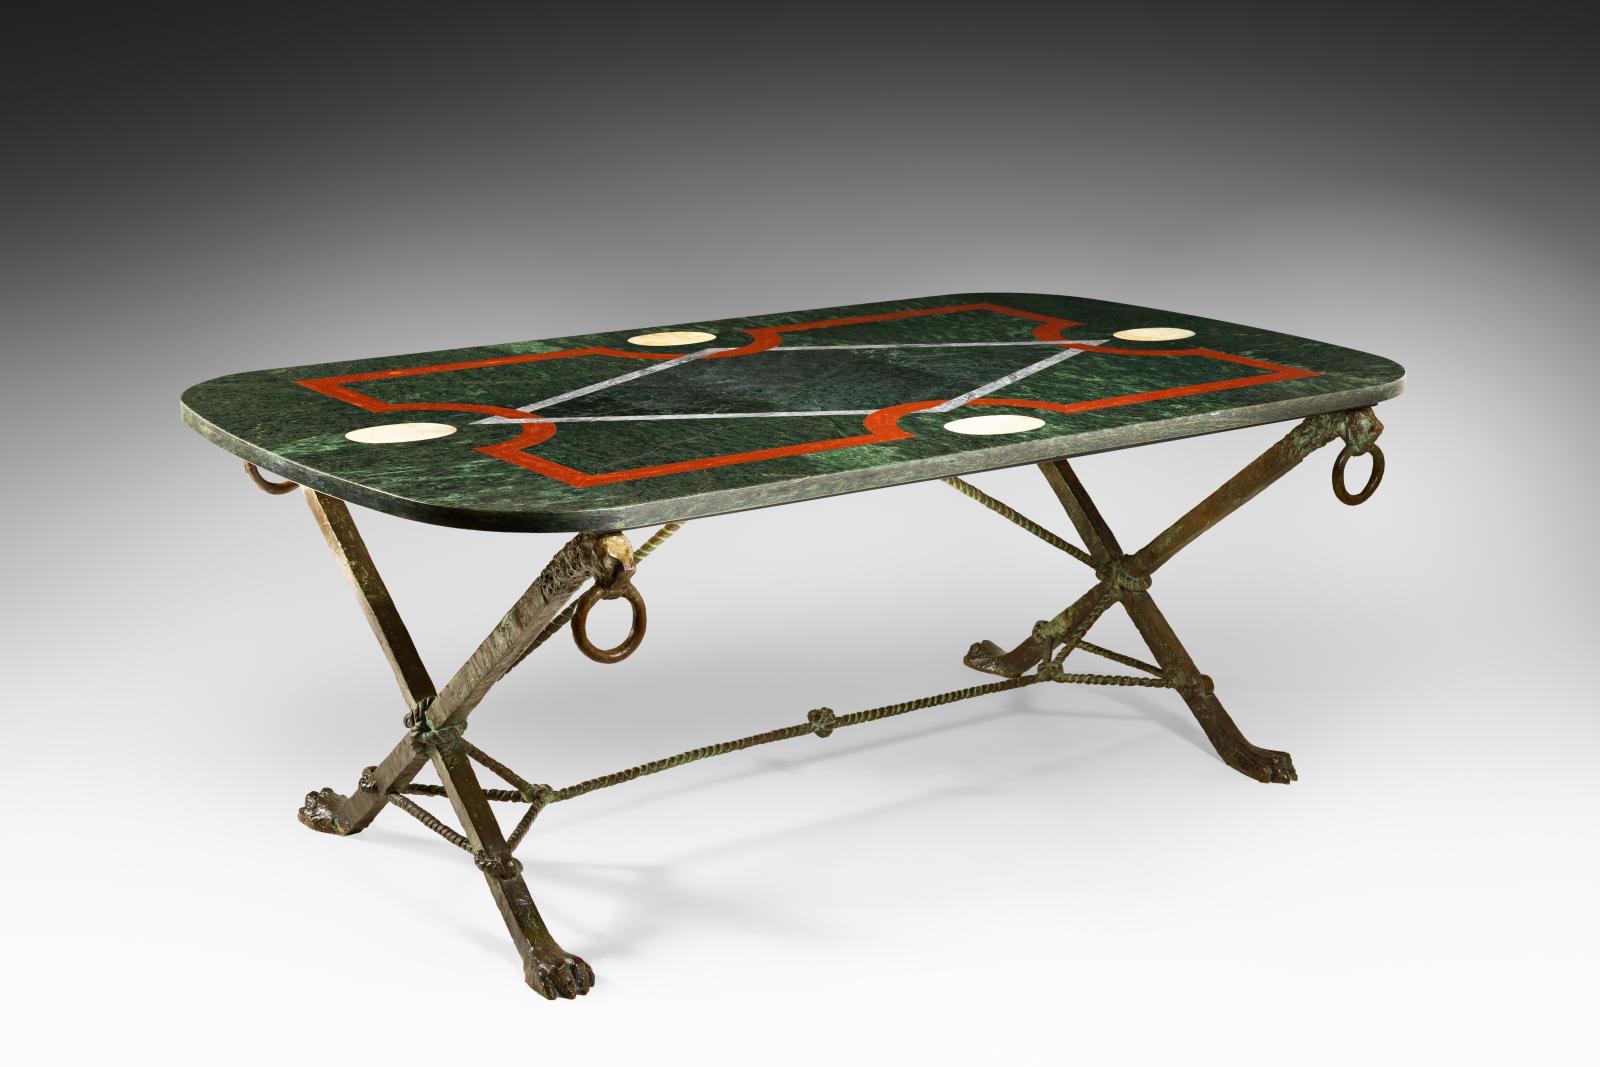 André Arbus (1903-1969), table au plateau rectangulaire en marbre vert foncé orné d'une marqueterie de marbres sur un piétement en bronze patiné brun